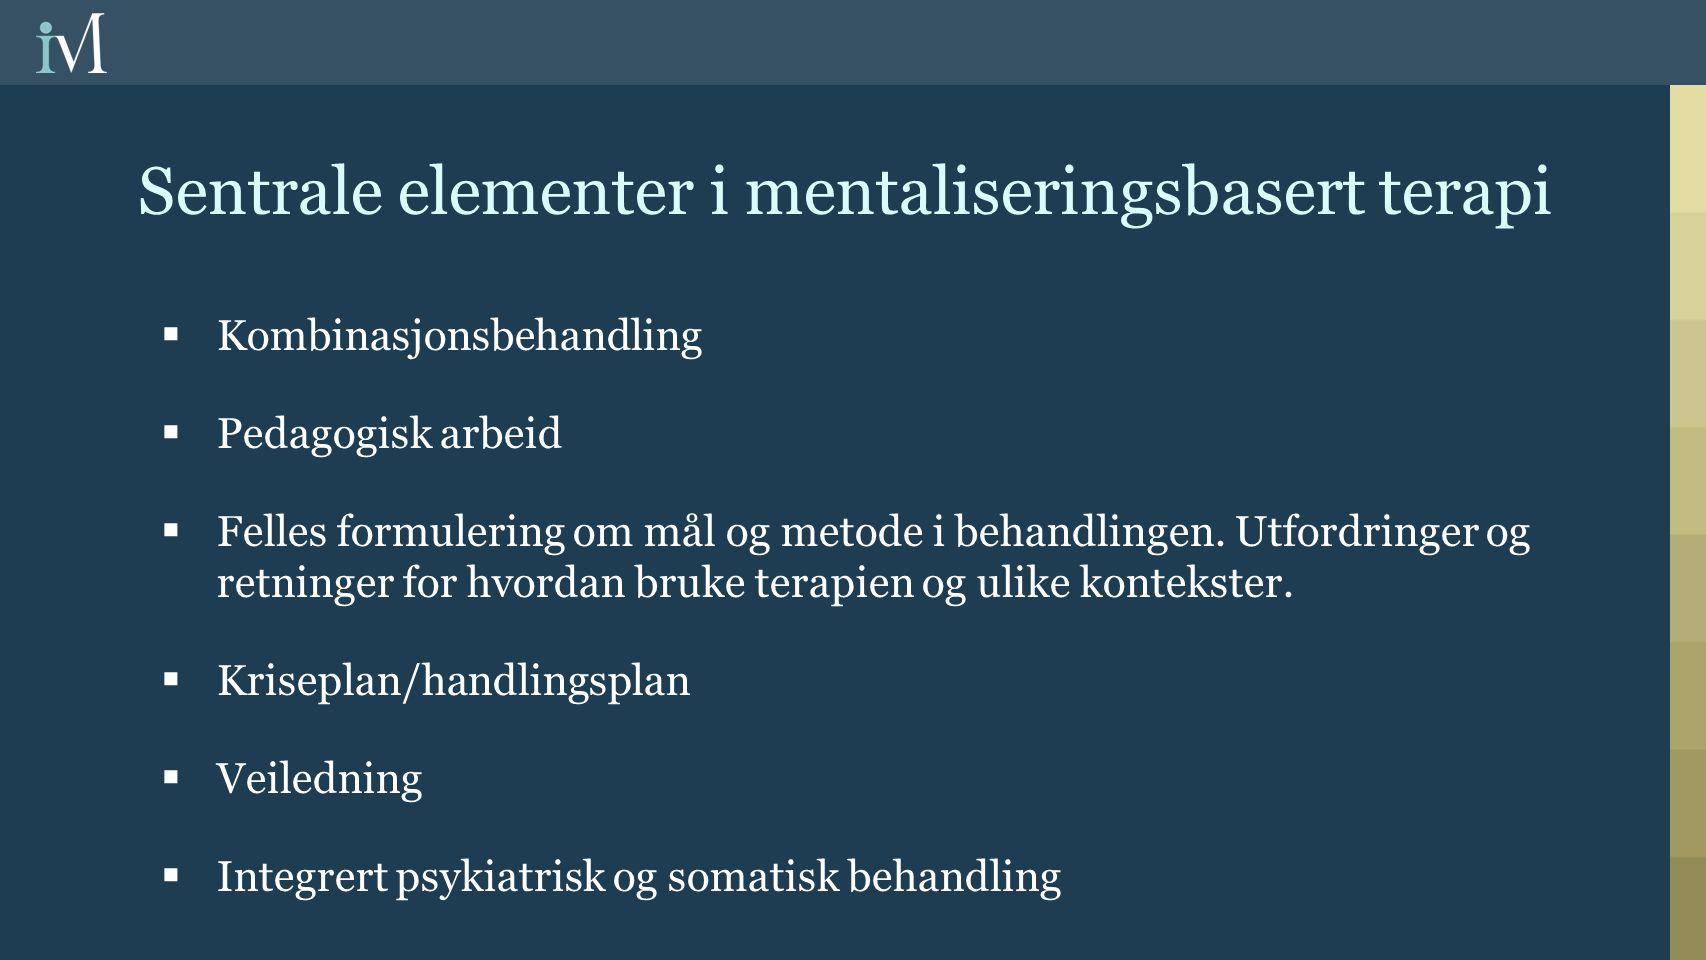 Sentrale elementer i mentaliseringsbasert terapi